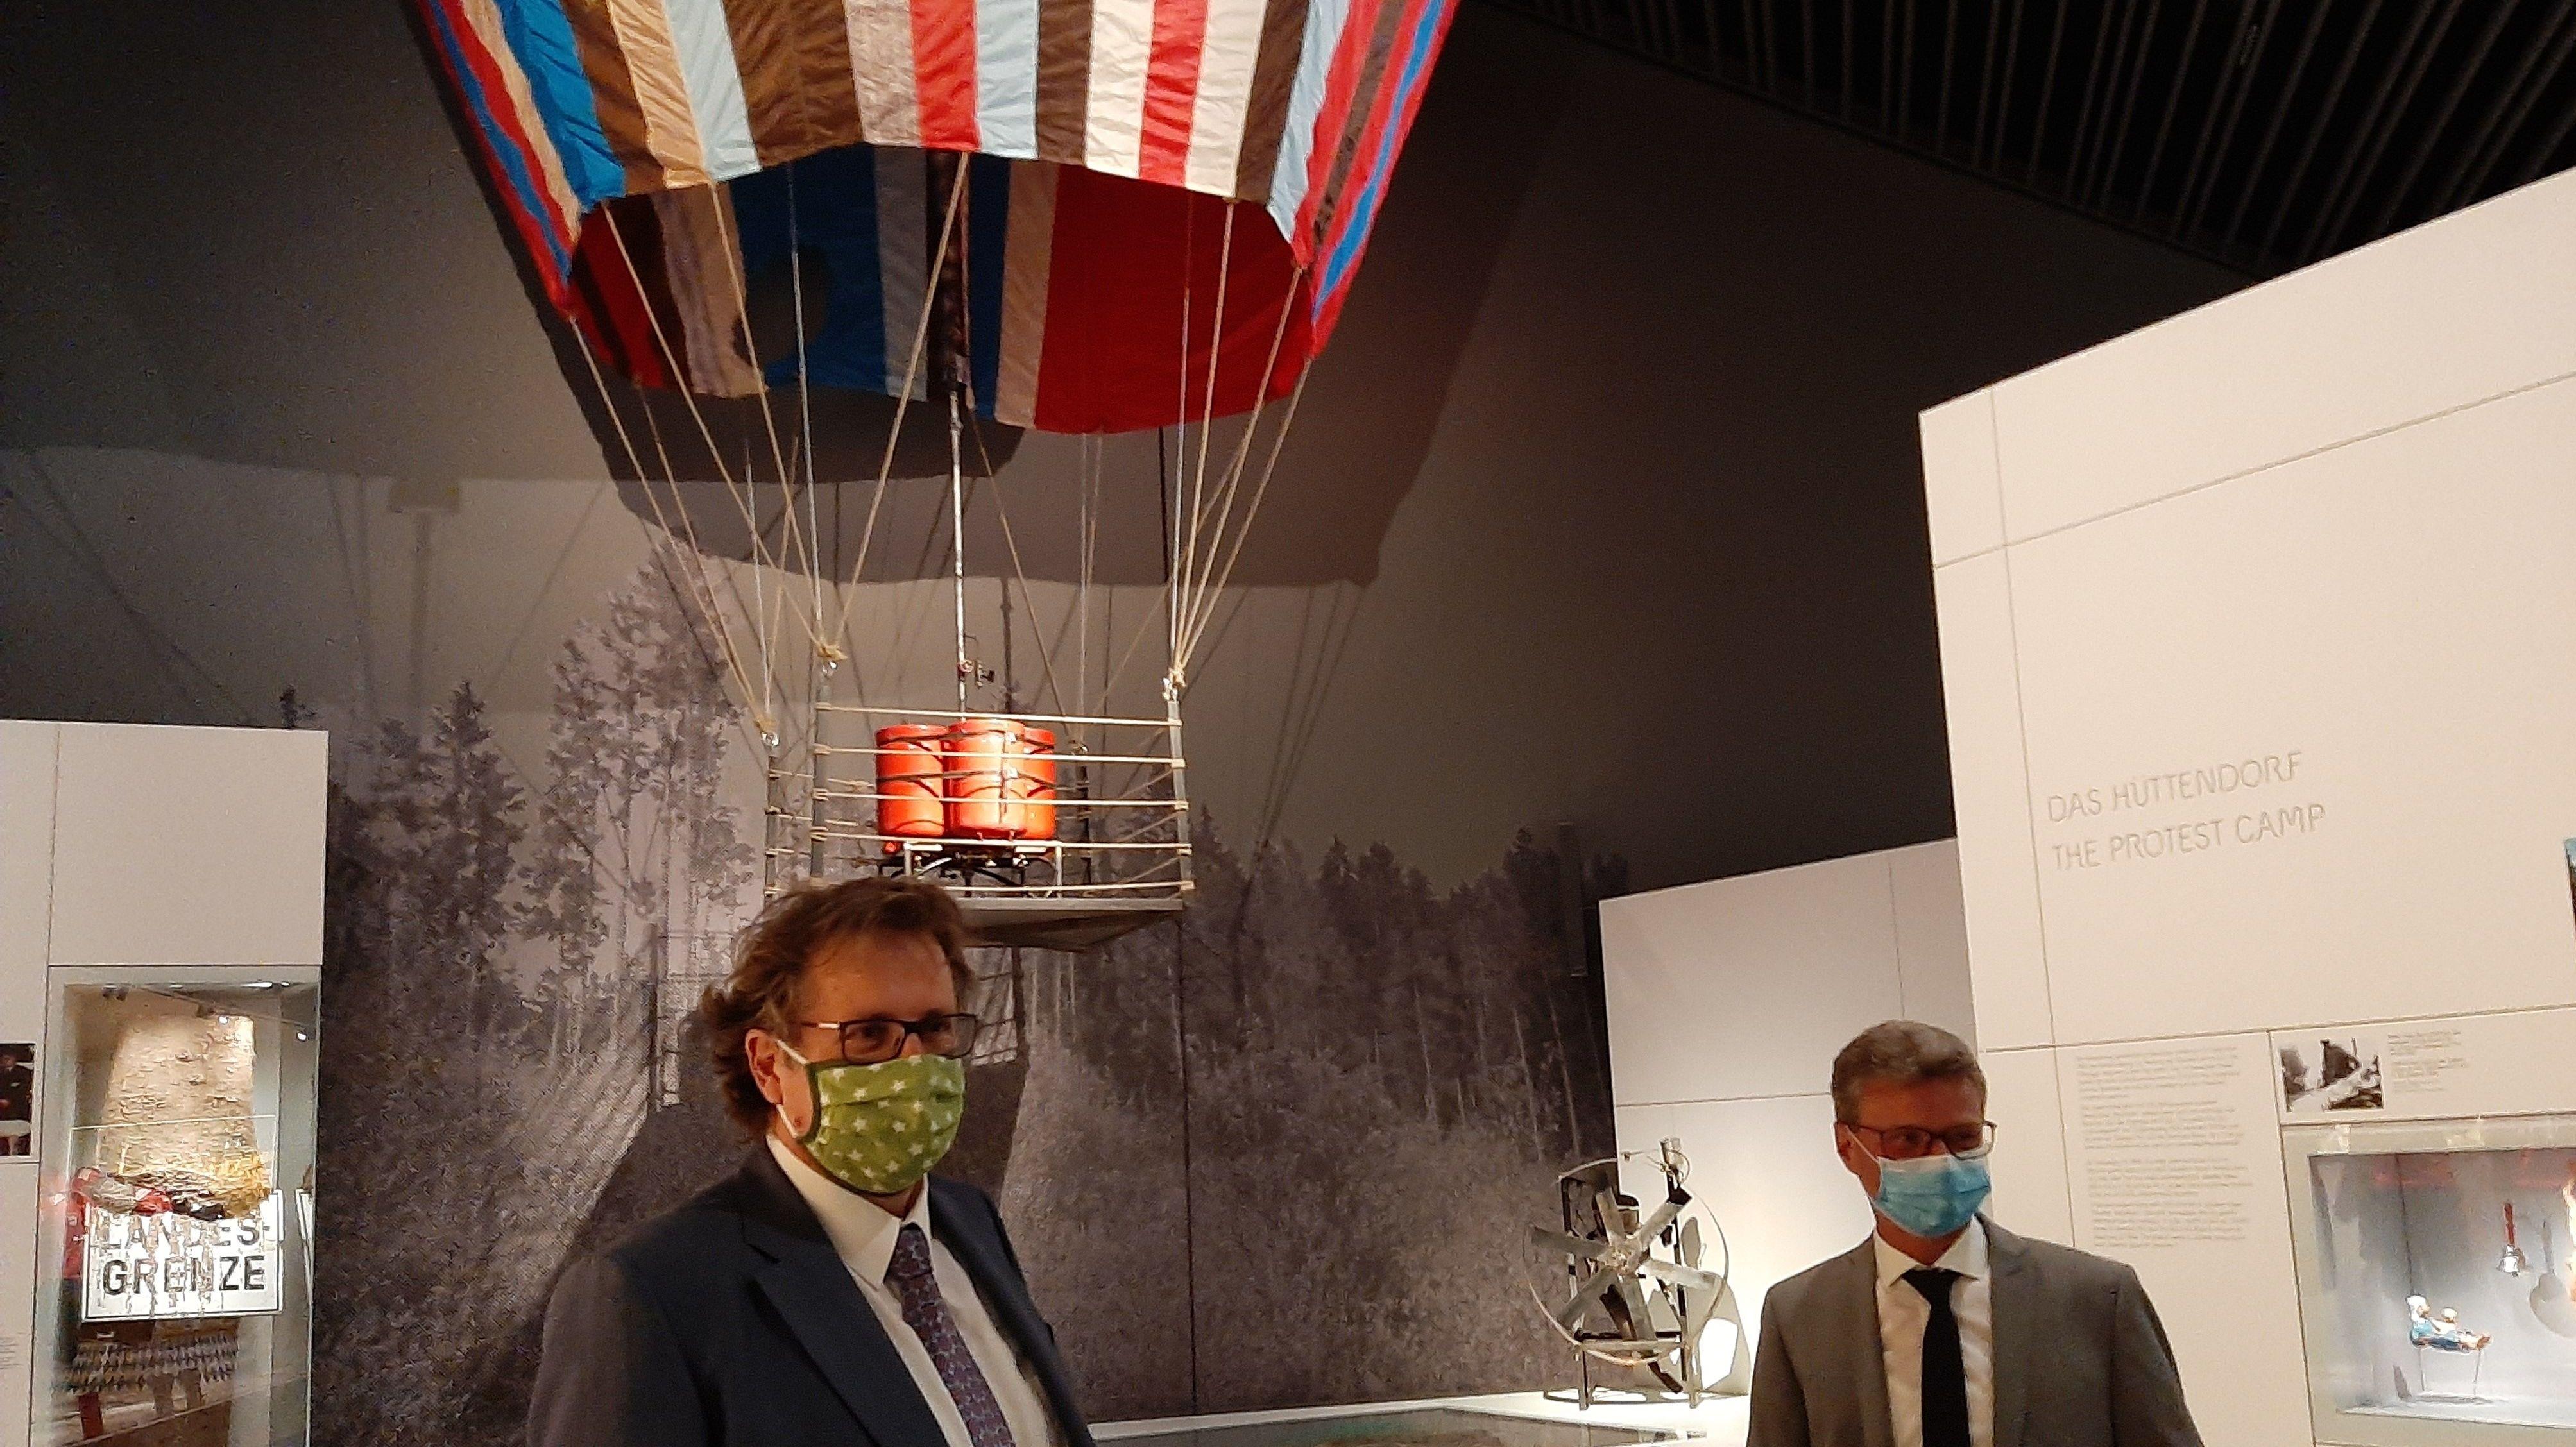 Kunstminister Sibler (rechts) und der Direktor des Hauses der Bayerischen Geschichte, Loibl, stellten das weitere Programm des Museums vor.